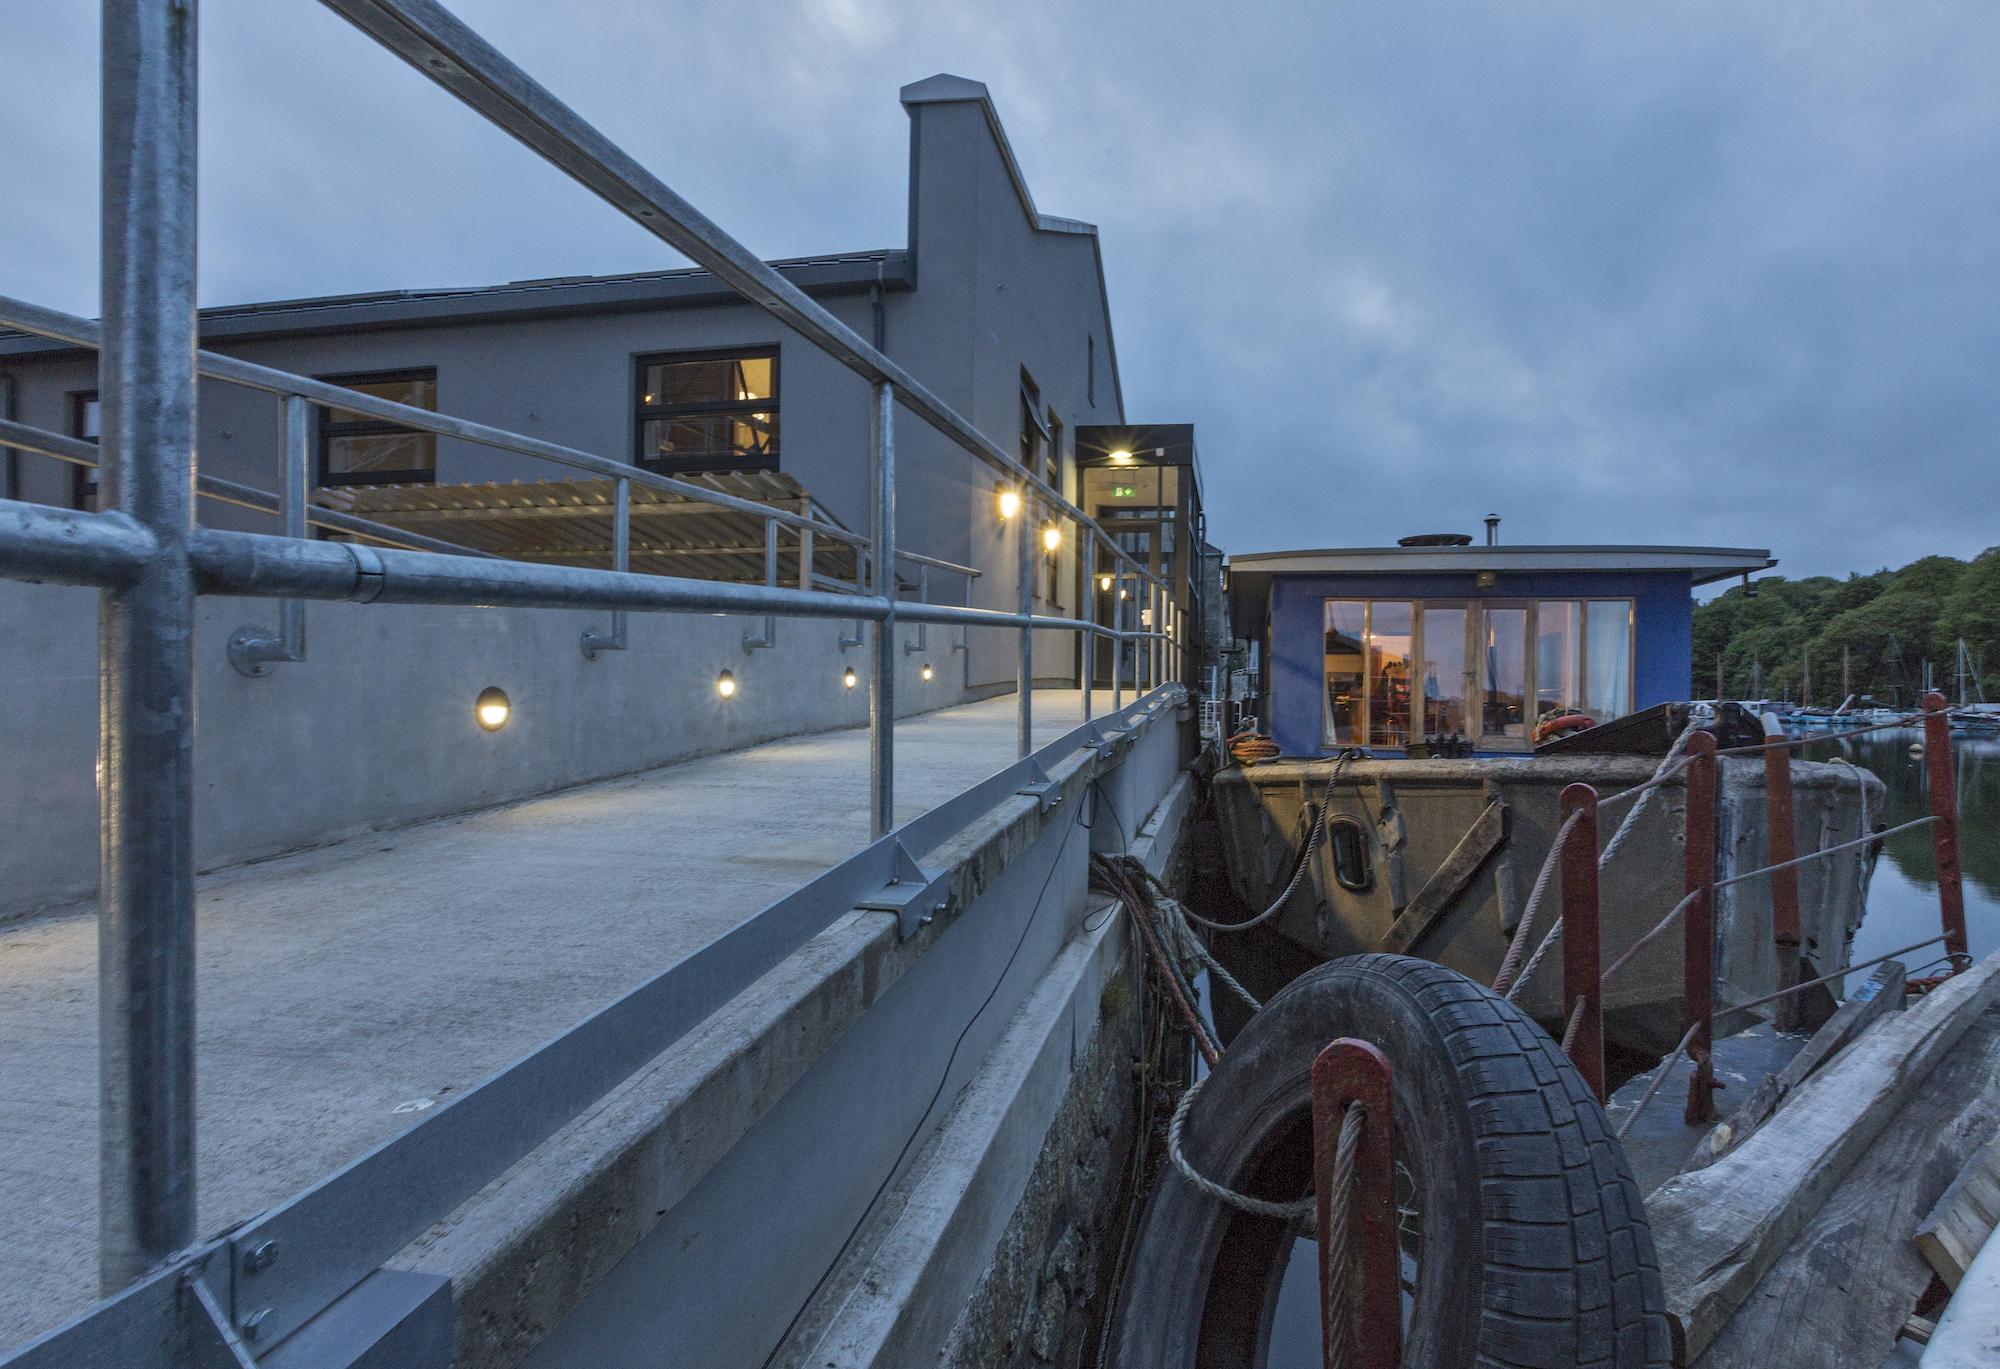 eleanor-bell-commercial-lighting-design-jubilee-warehouse-exterior-led-lights.jp